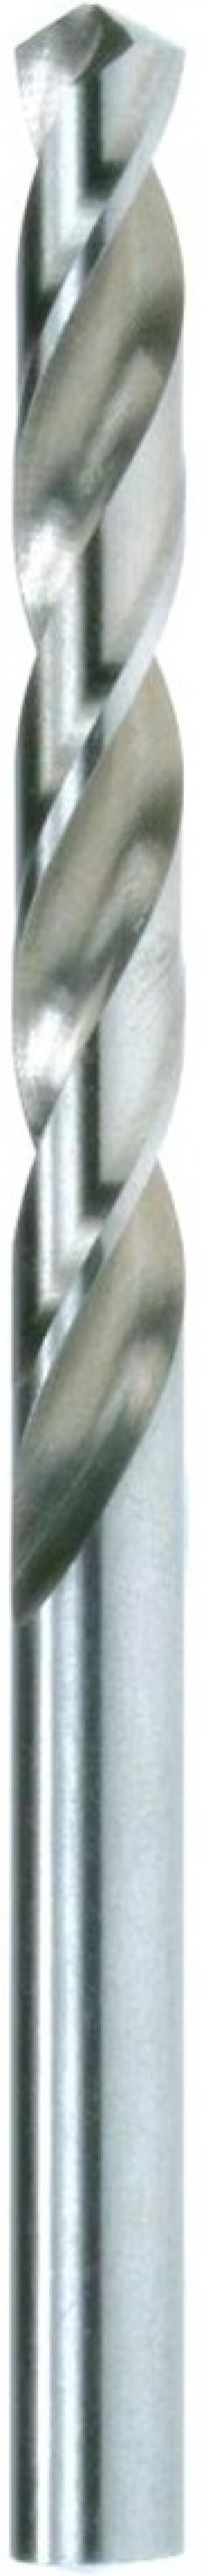 Картинка для Сверло Makita D-09743 6х57х93мм по металлу